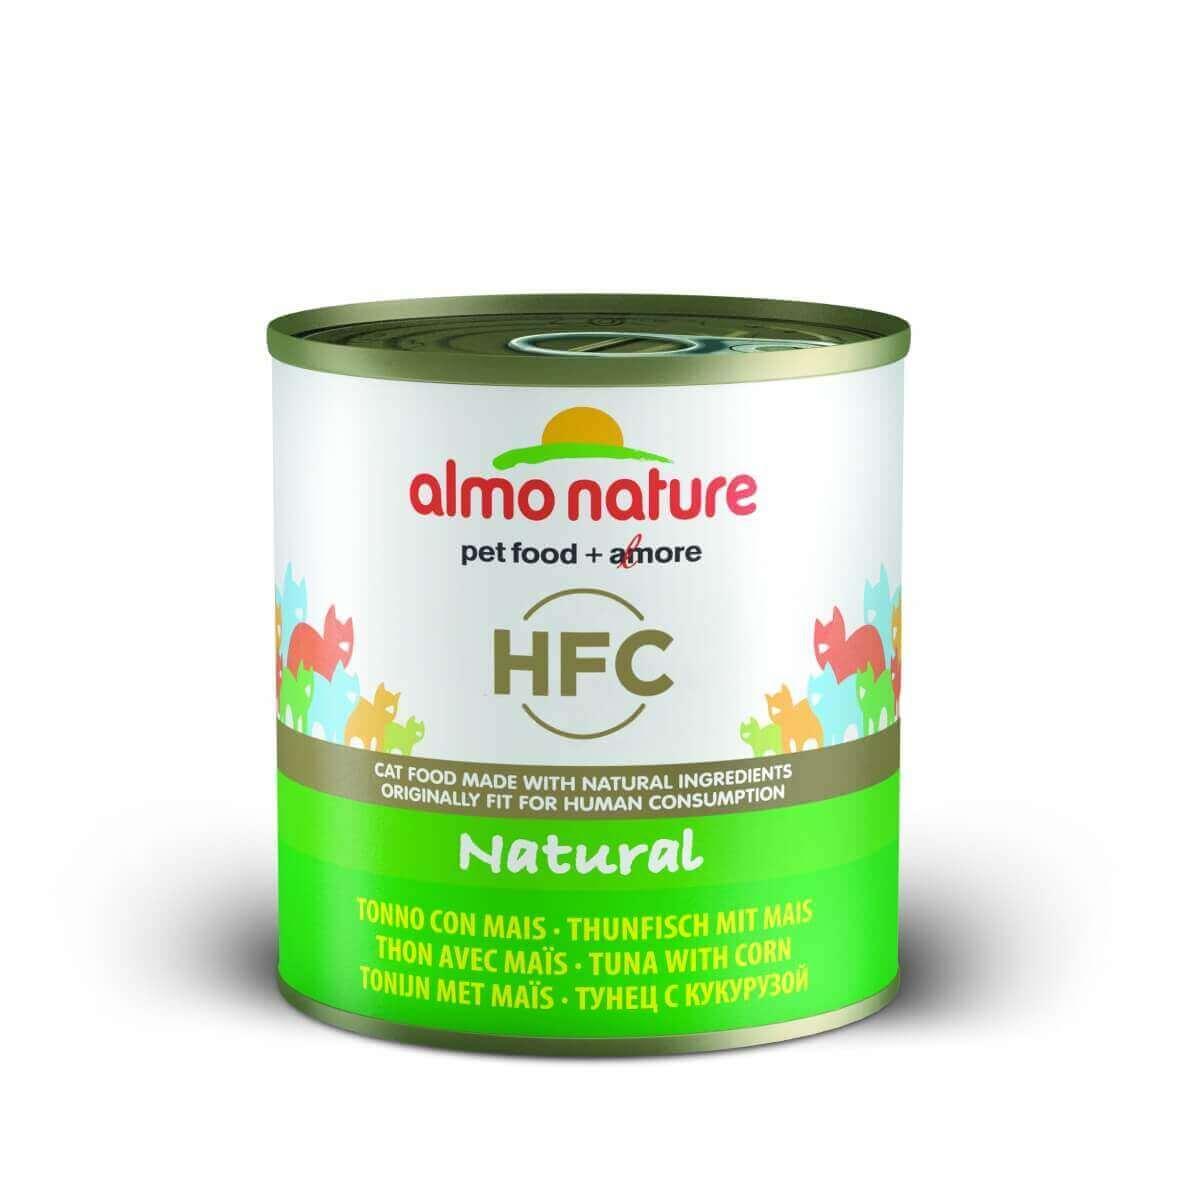 Pâtée Almo Nature HFC Natural pour chat 280g_6